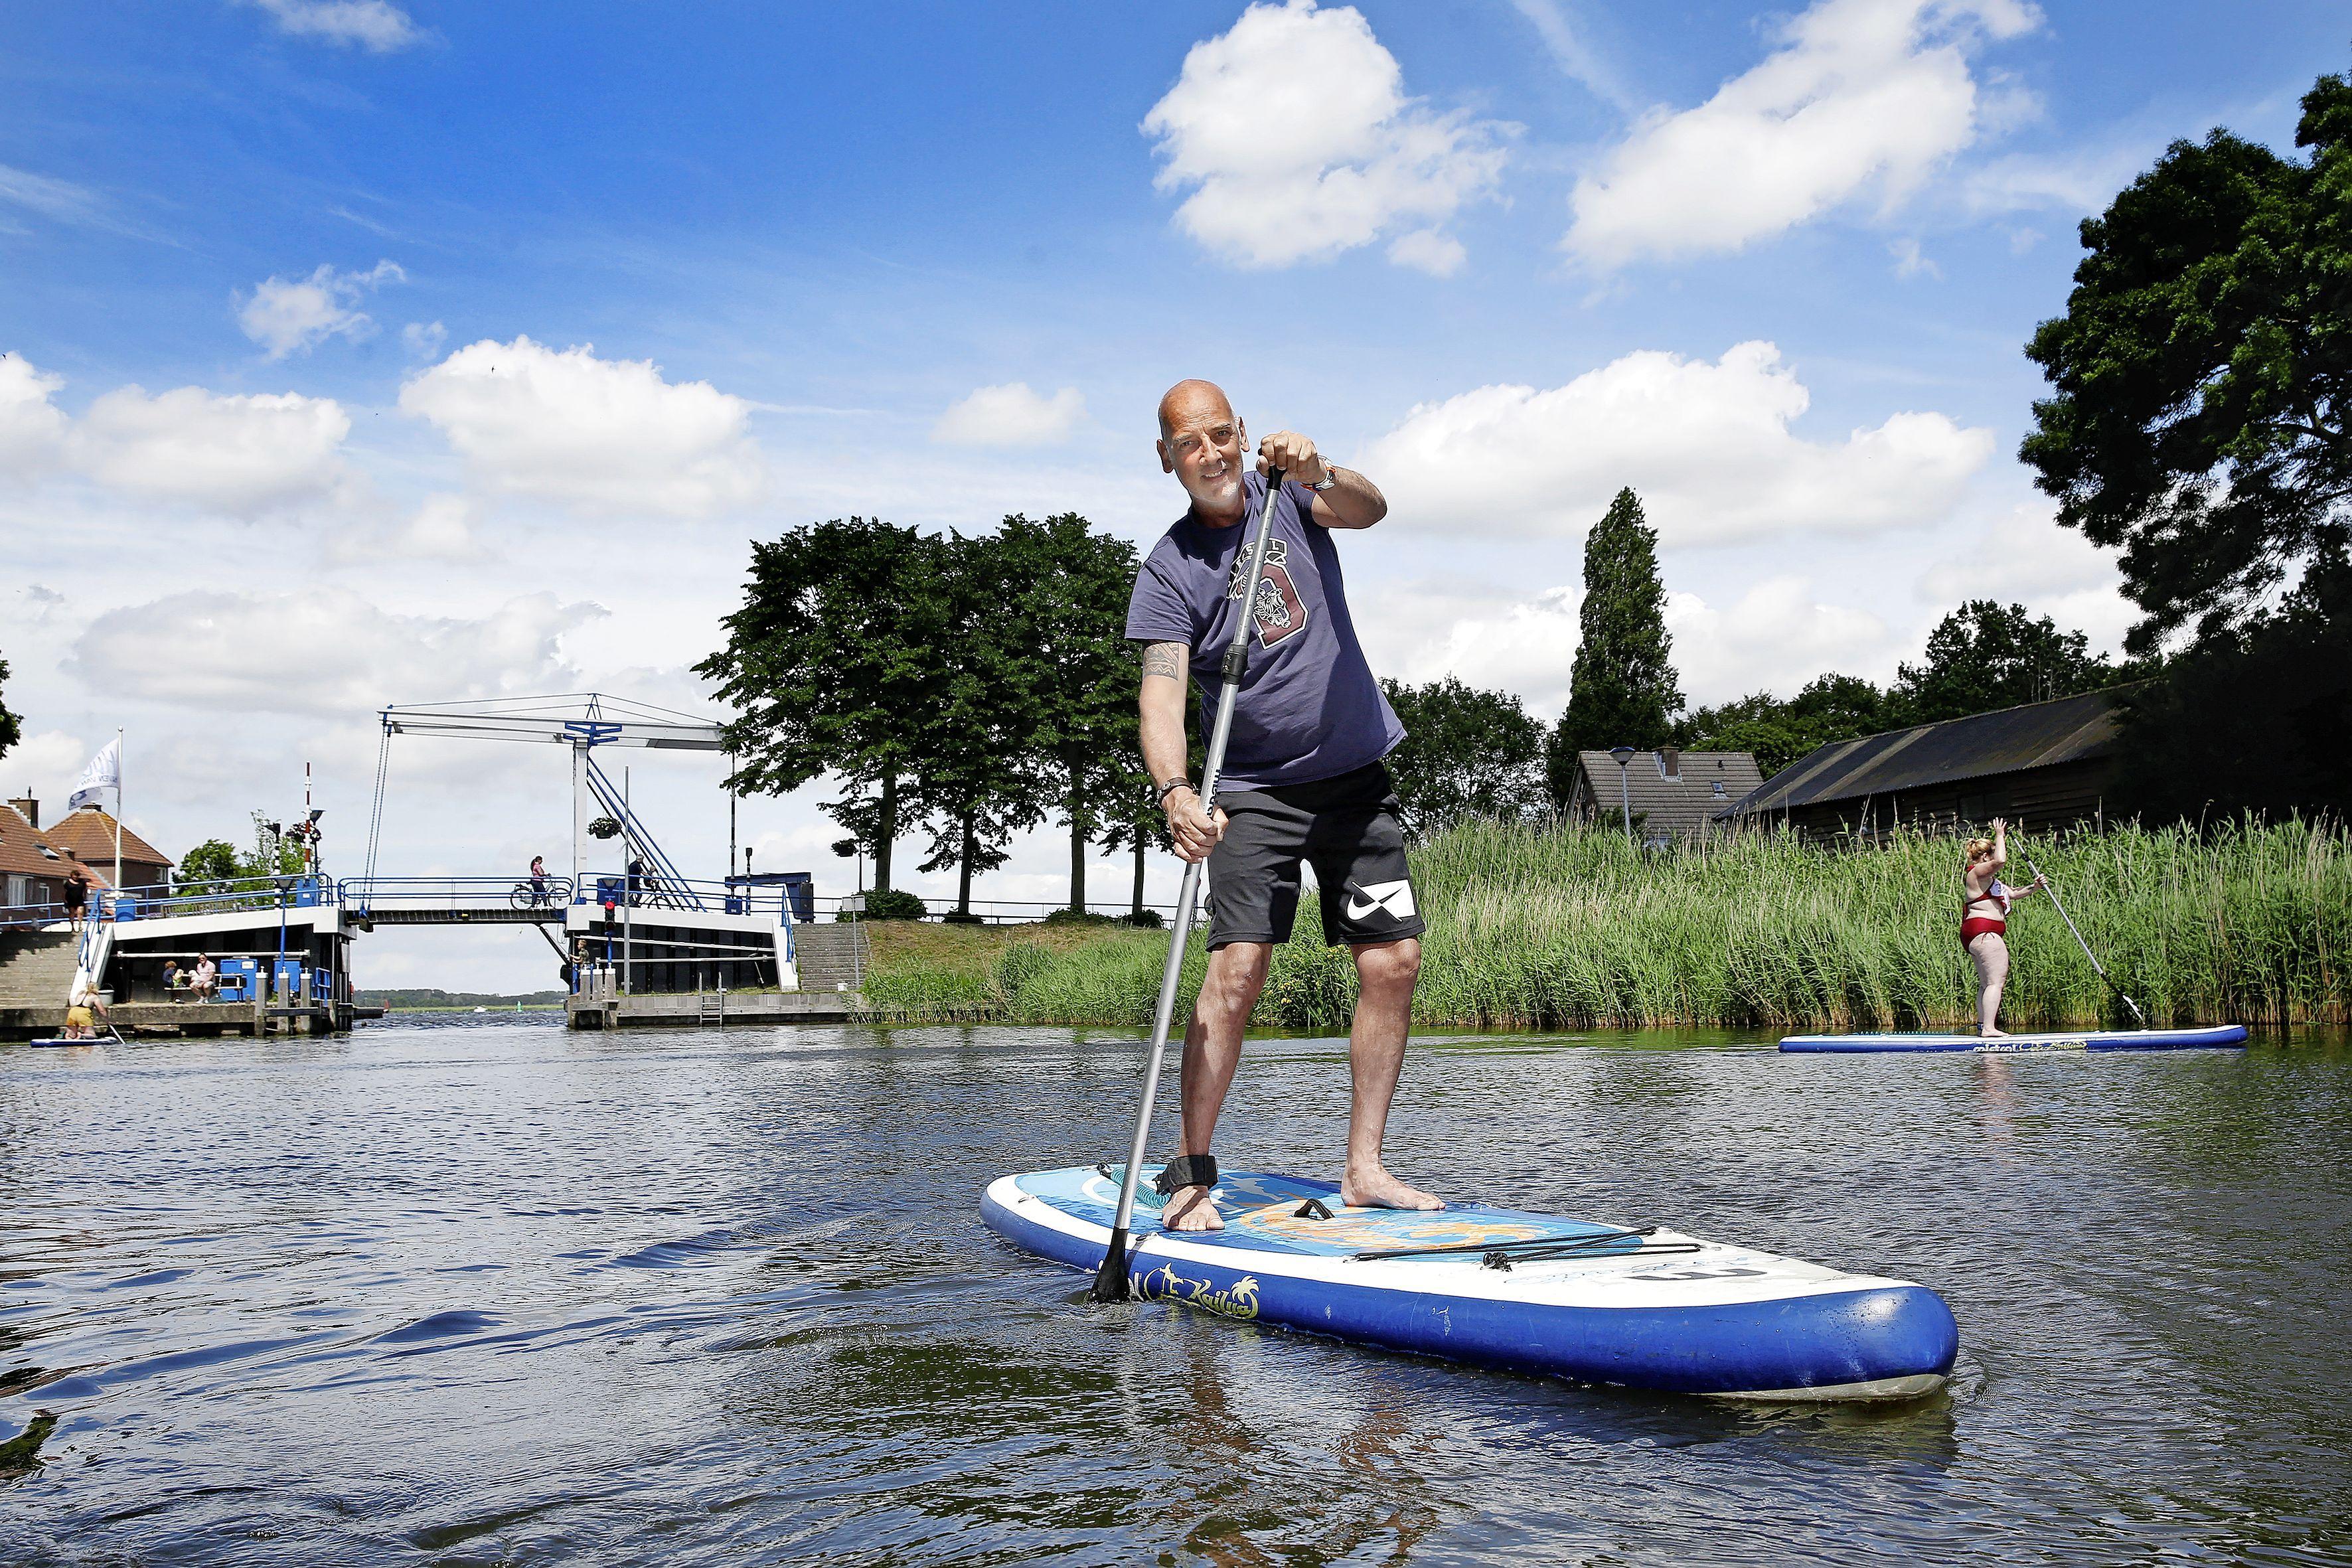 Iedereen blij met SUP's in de Aanloophaven van Huizen, maar het mag niet! 'Het past als een zonnetje, maar niet daar en niet zonder vergunning'